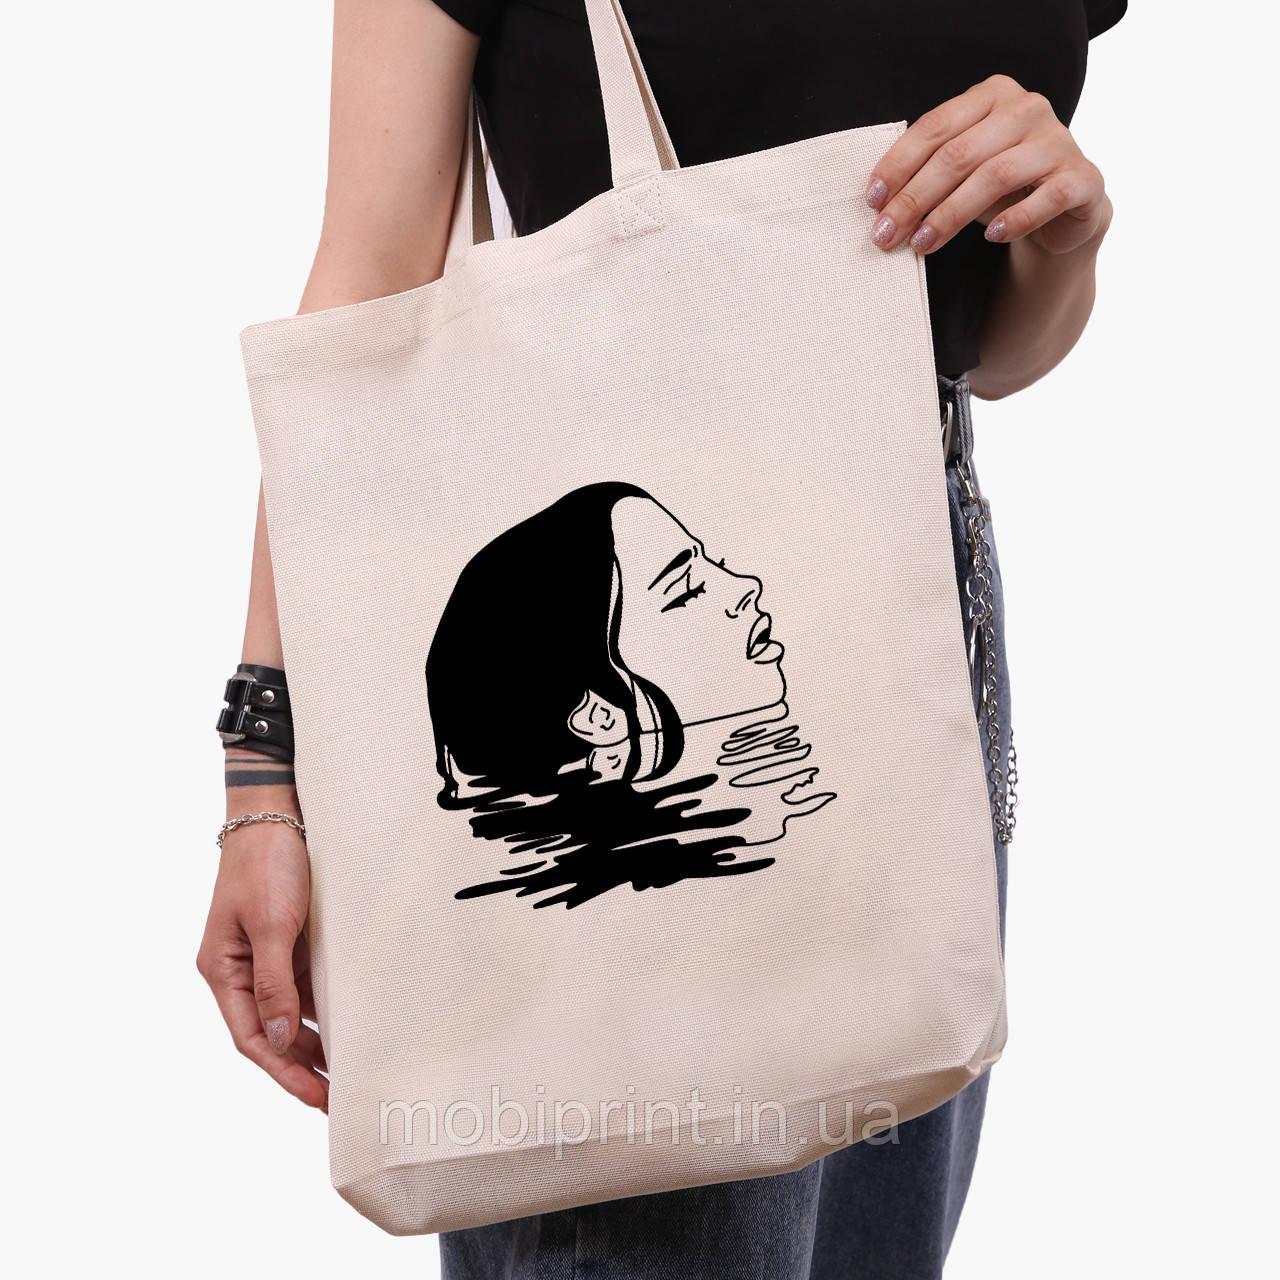 Эко сумка шоппер белая Контурный минимализм (Contour minimalism) (9227-1362-1)  экосумка шопер 41*39*8 см